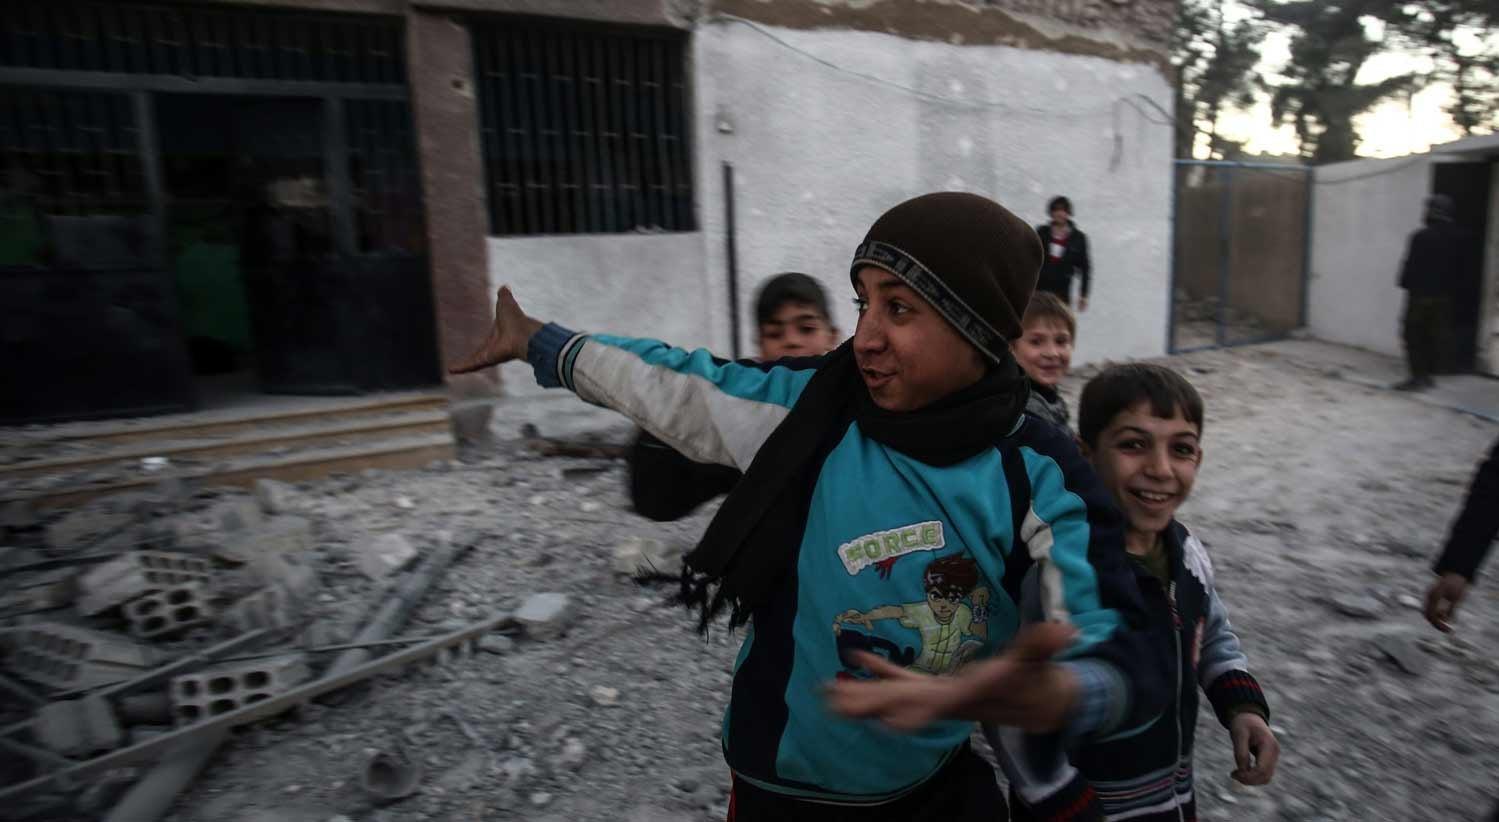 França pede reunião imediata do Conselho de Segurança sobre cidade síria de Alepo